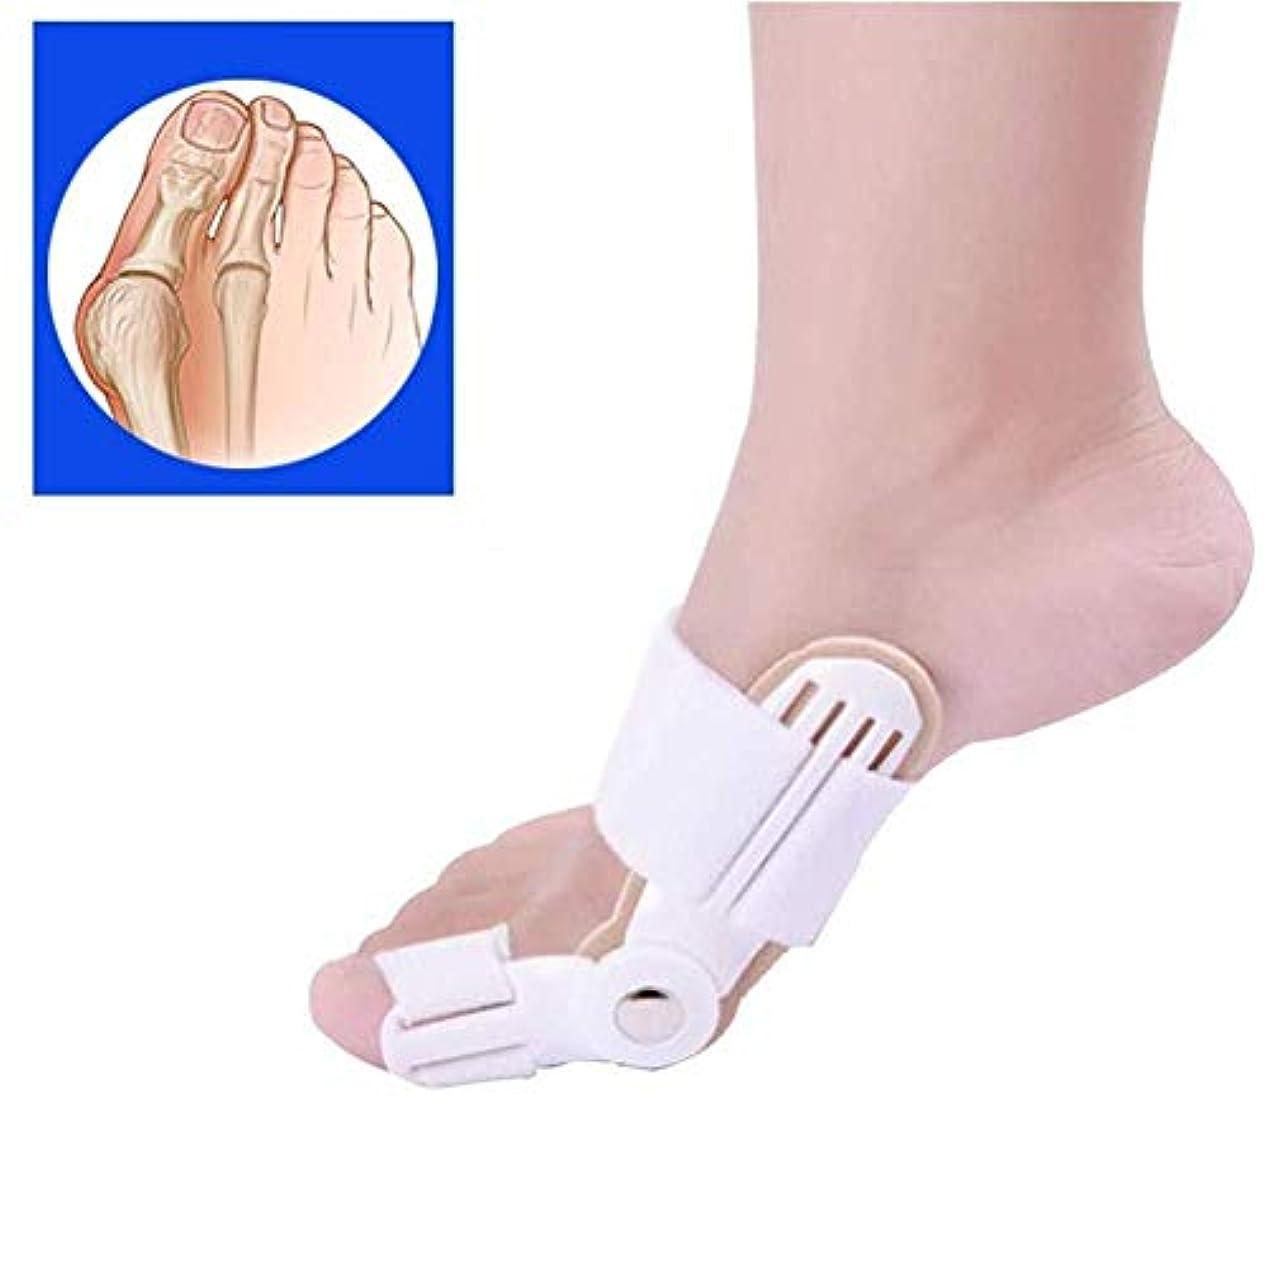 箱元気なベルつま先の添え木、足の親指の矯正、外反母hallセパレーター、滑液包炎緩和プロテクター、つま先の関節スペーサー、矯正の痛み